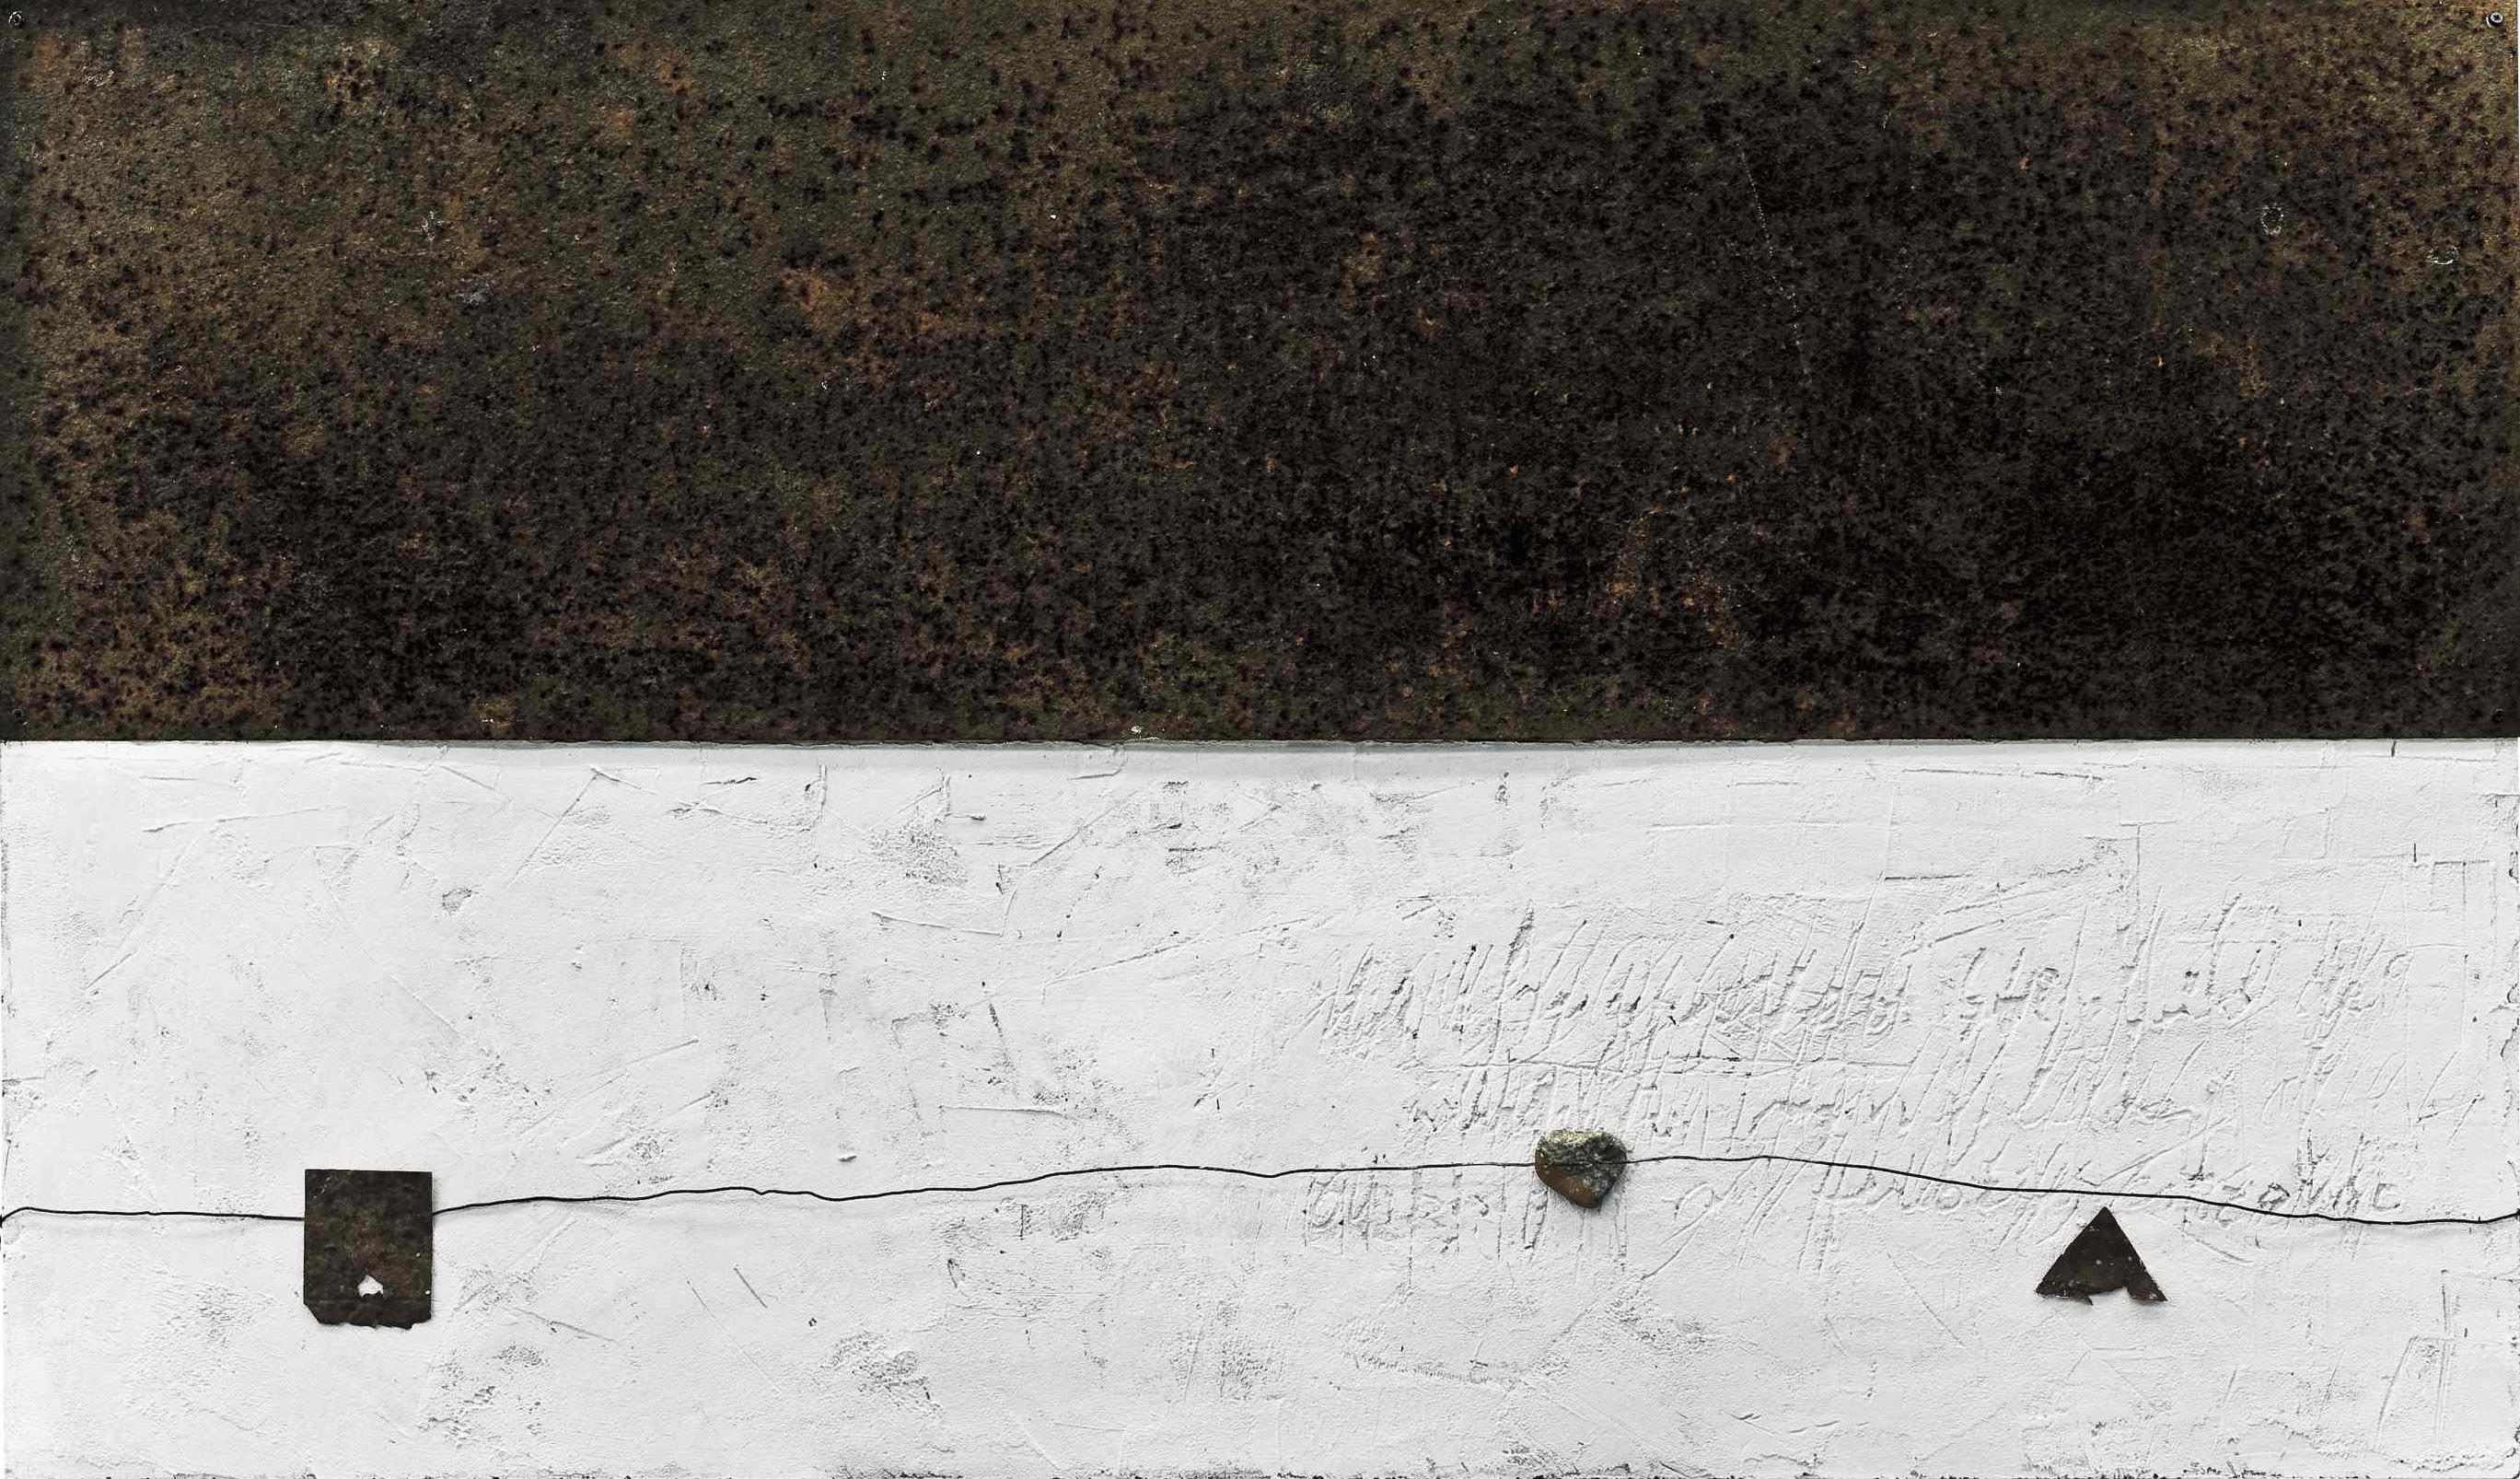 Riflessioni 2, tecnica mista su tavola e ferro, 115x68, 2007